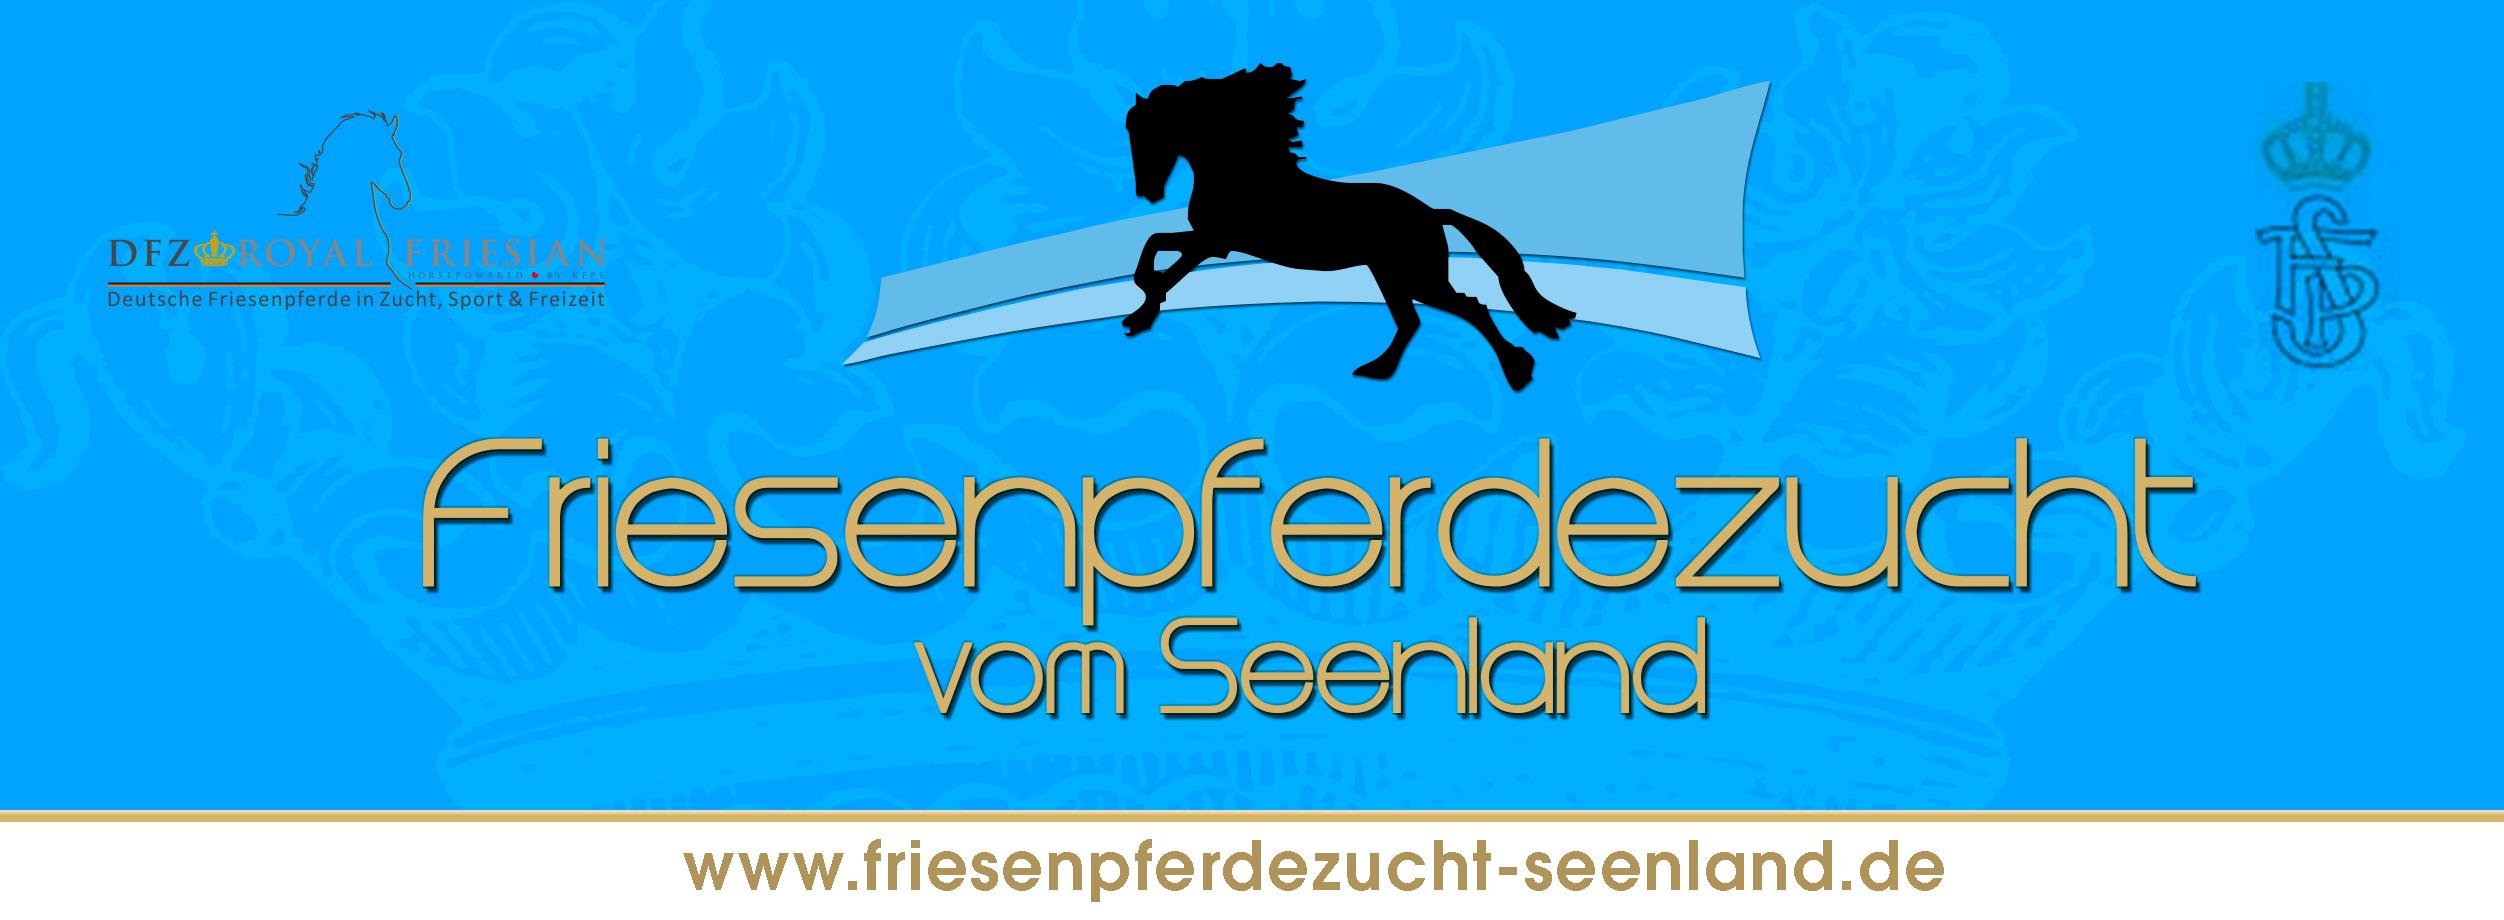 Friesenpferdezucht vom Seenland